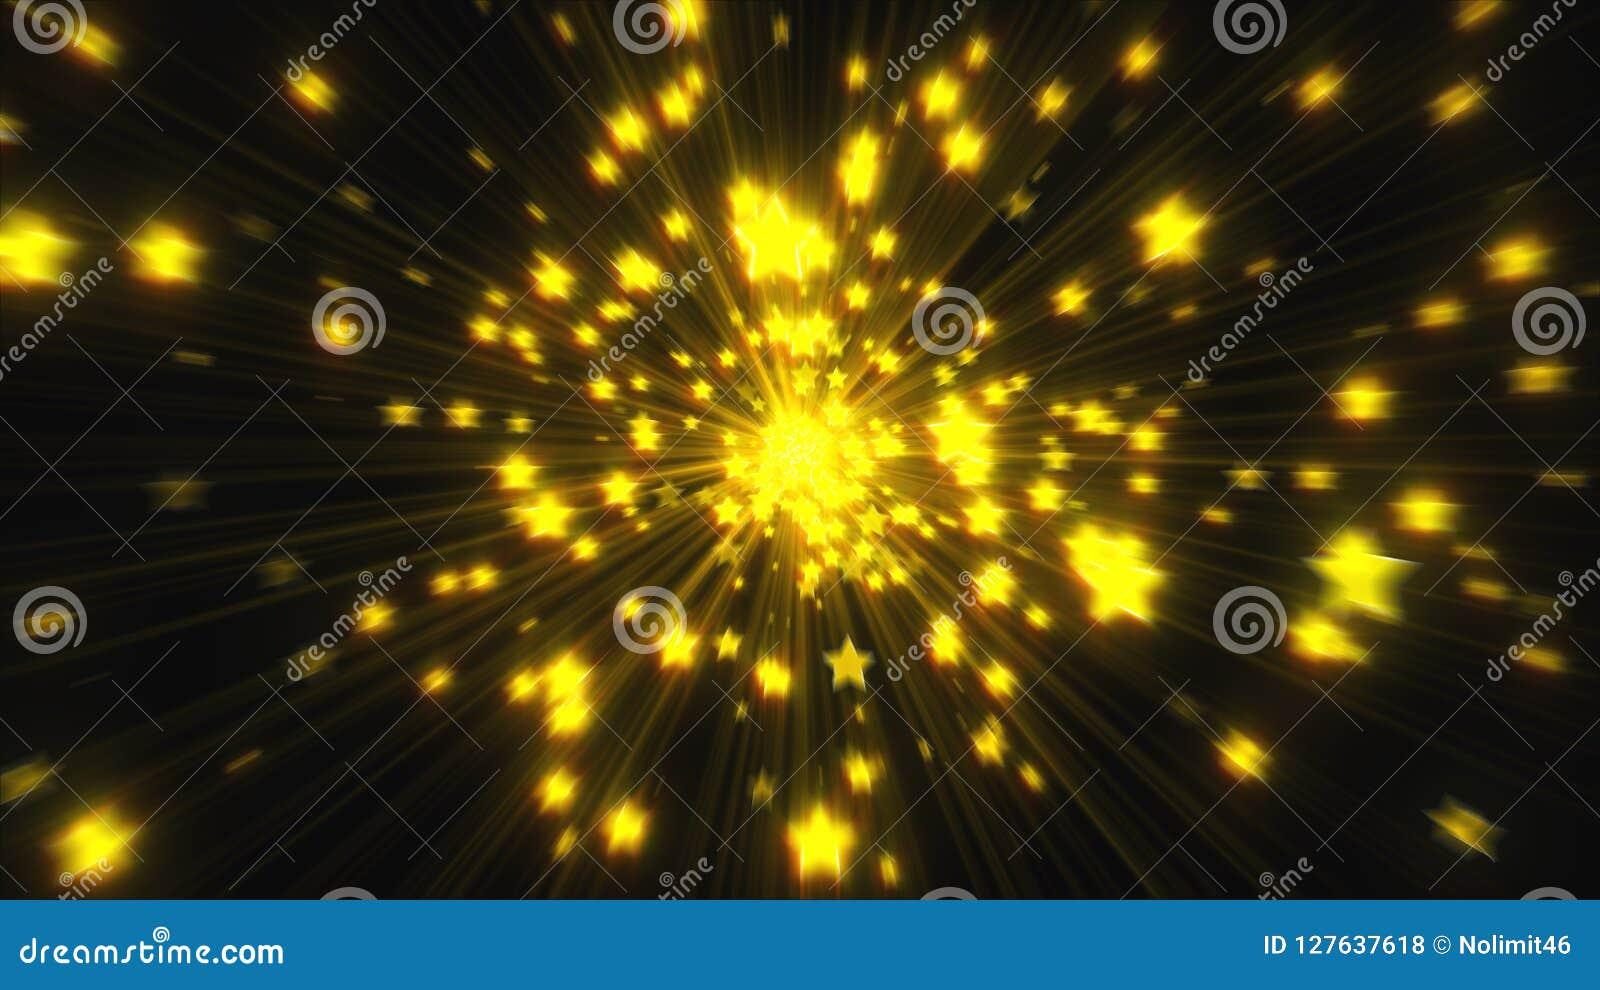 Explosion von vielen spielt mit Glanz, 3d übertragen computererzeugten Hintergrund die Hauptrolle